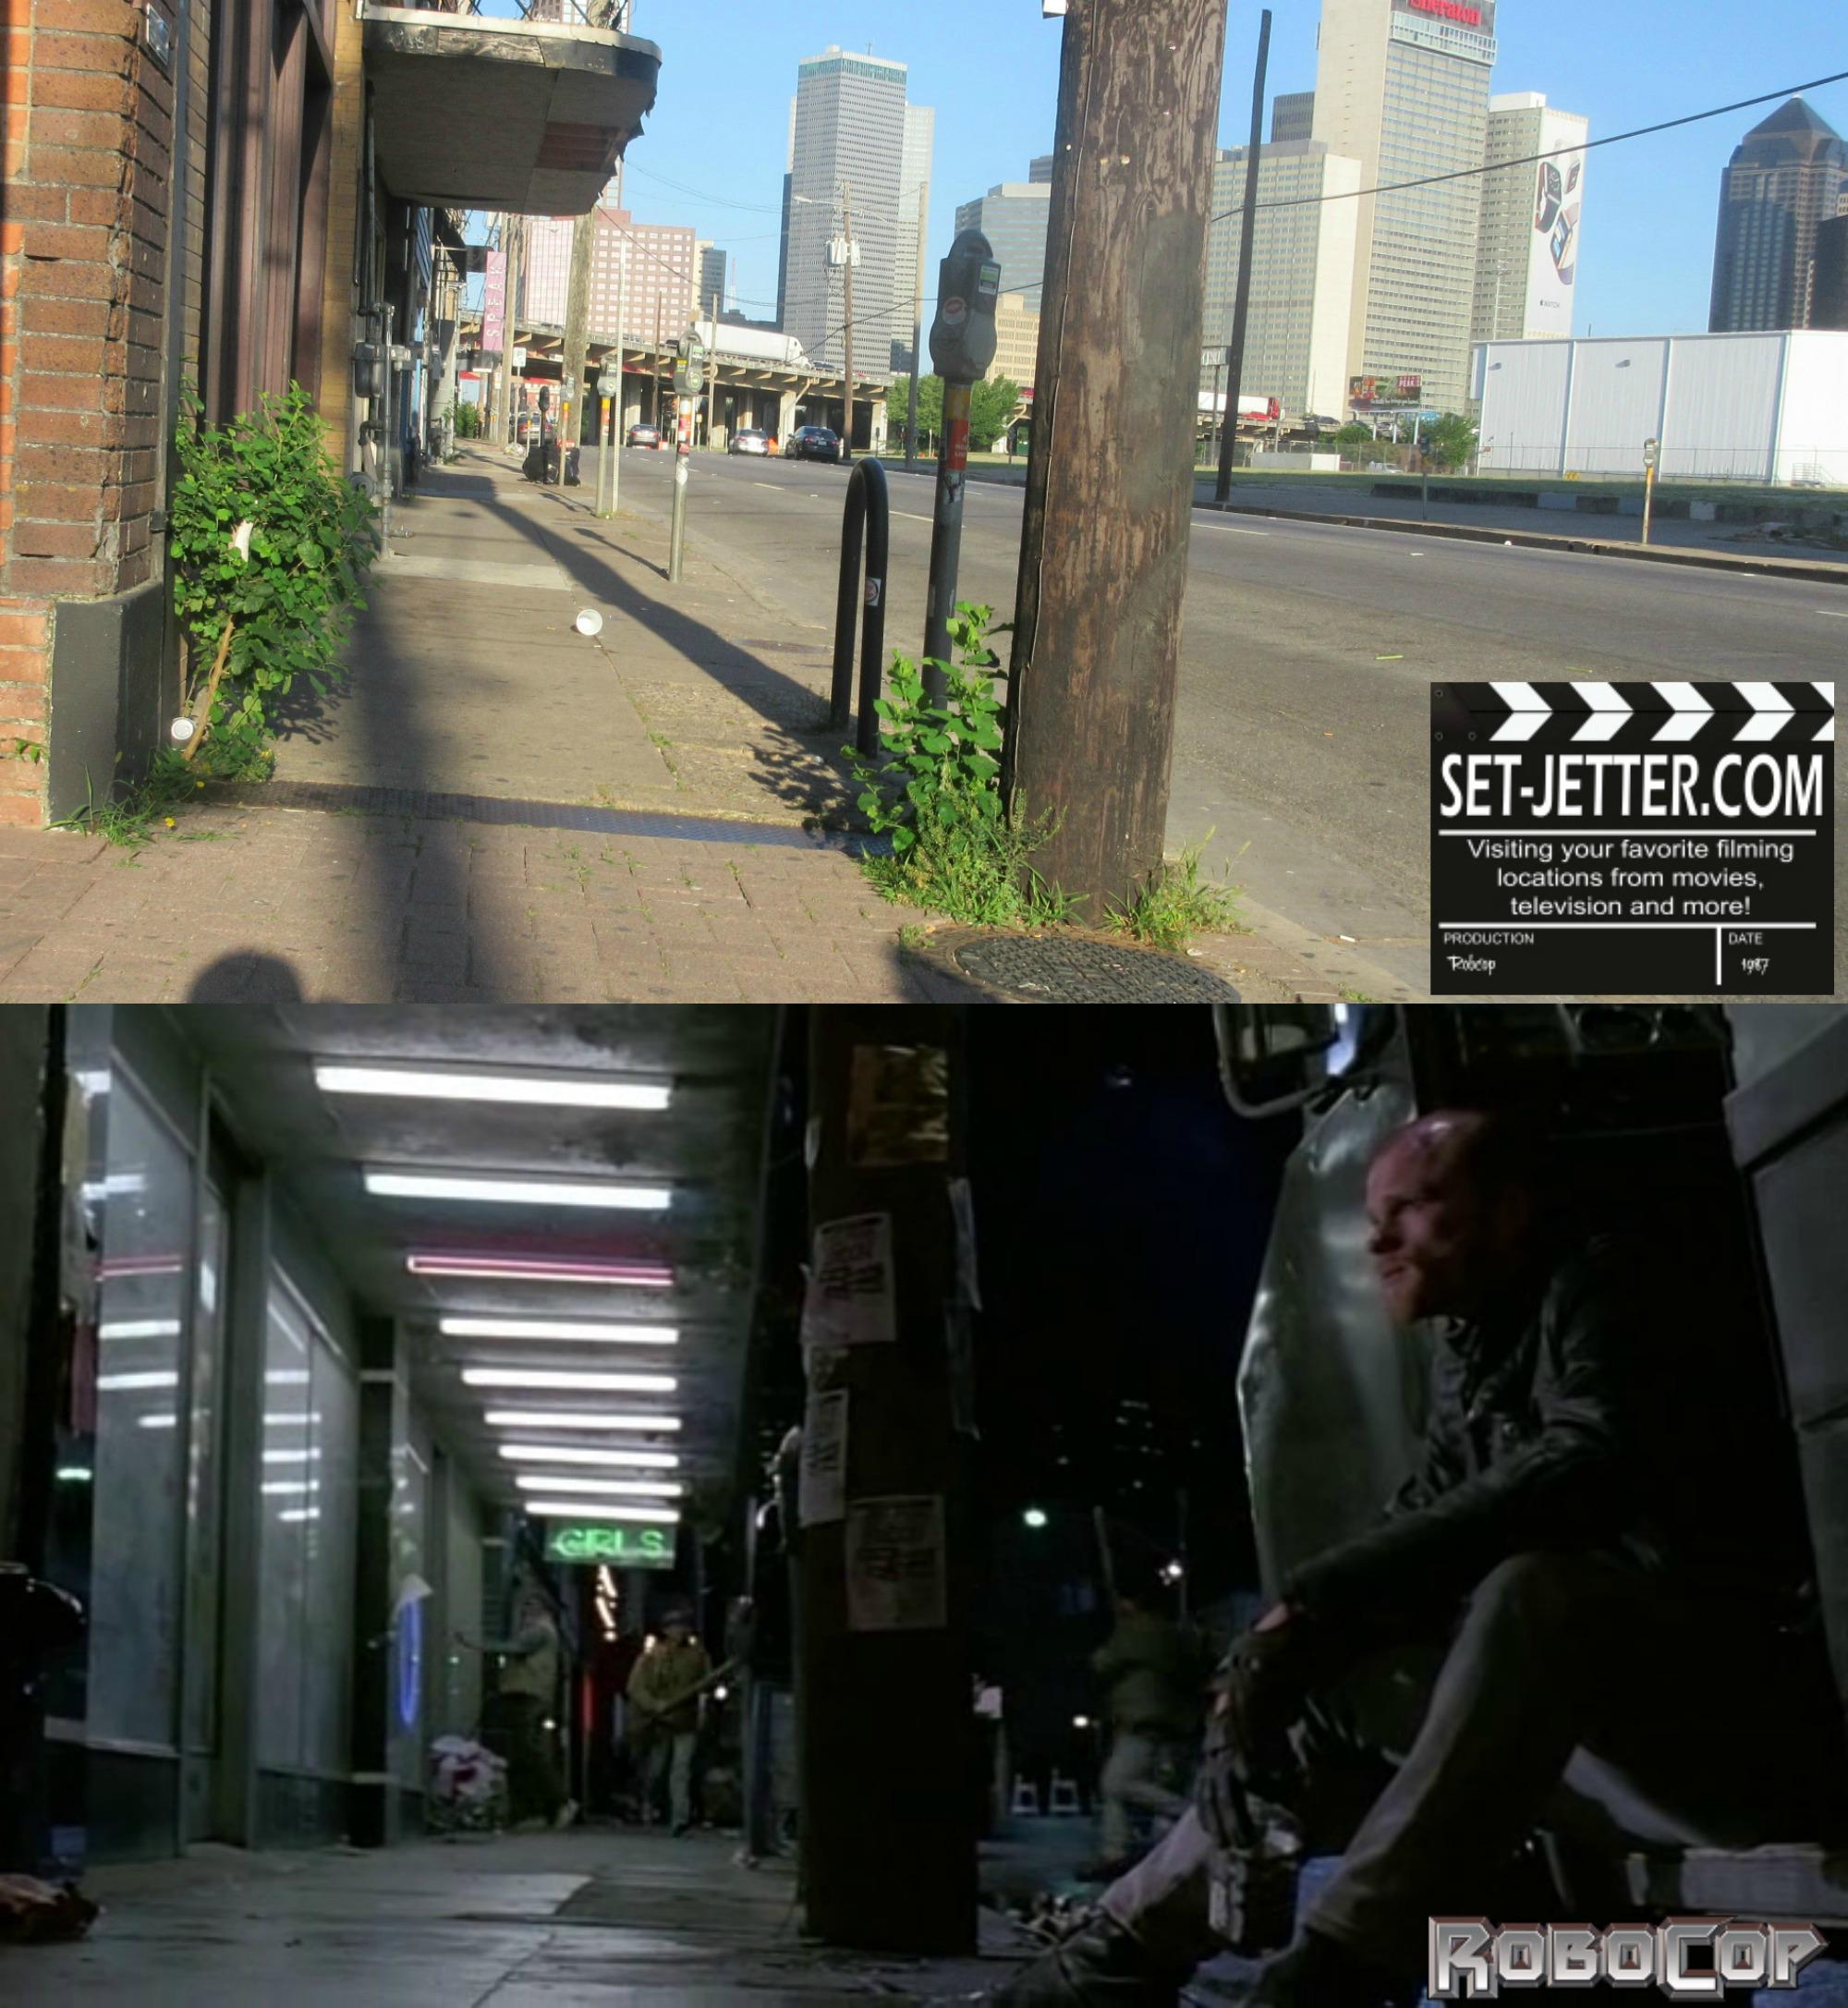 Robocop comparison 112.jpg